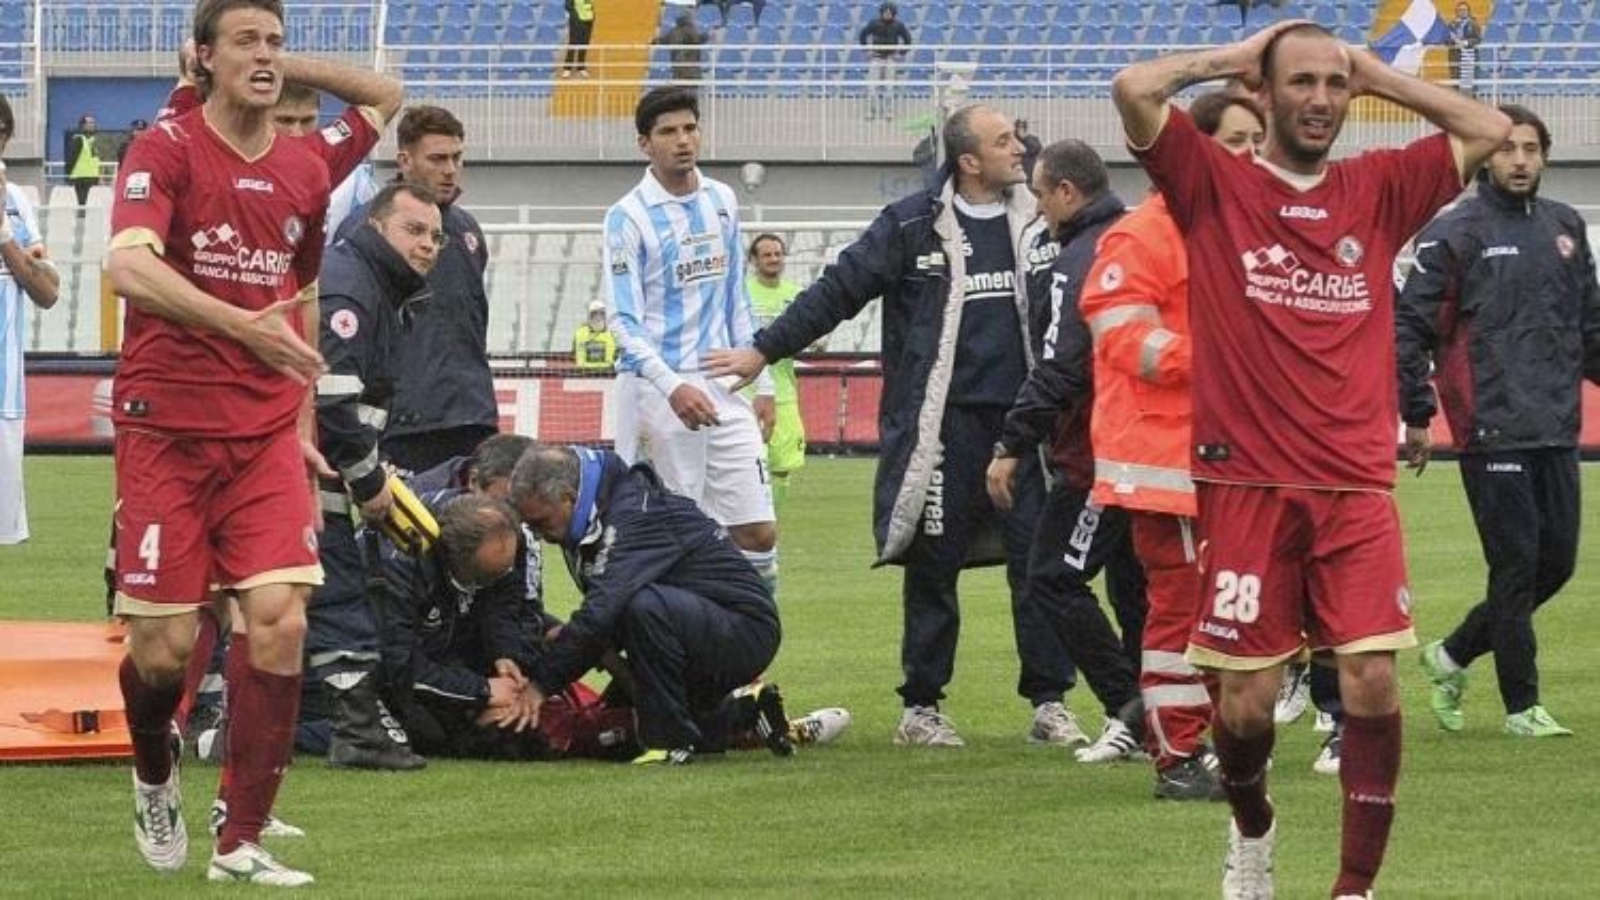 Ngày này năm xưa: Cầu thủ Italy qua đời khi gục ngã trên sân